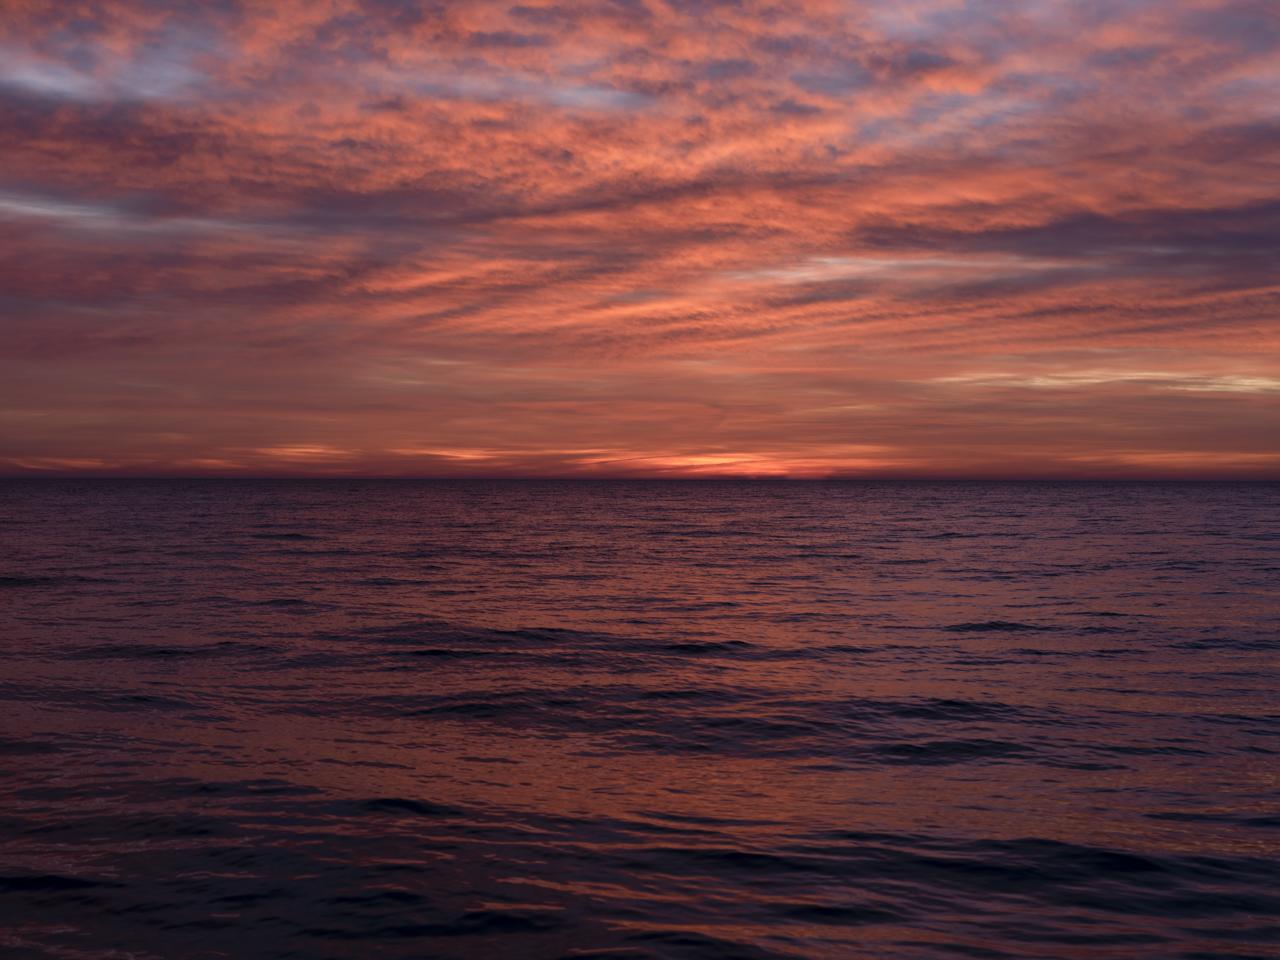 Lake Michigan, December 25th, 2019 (2)